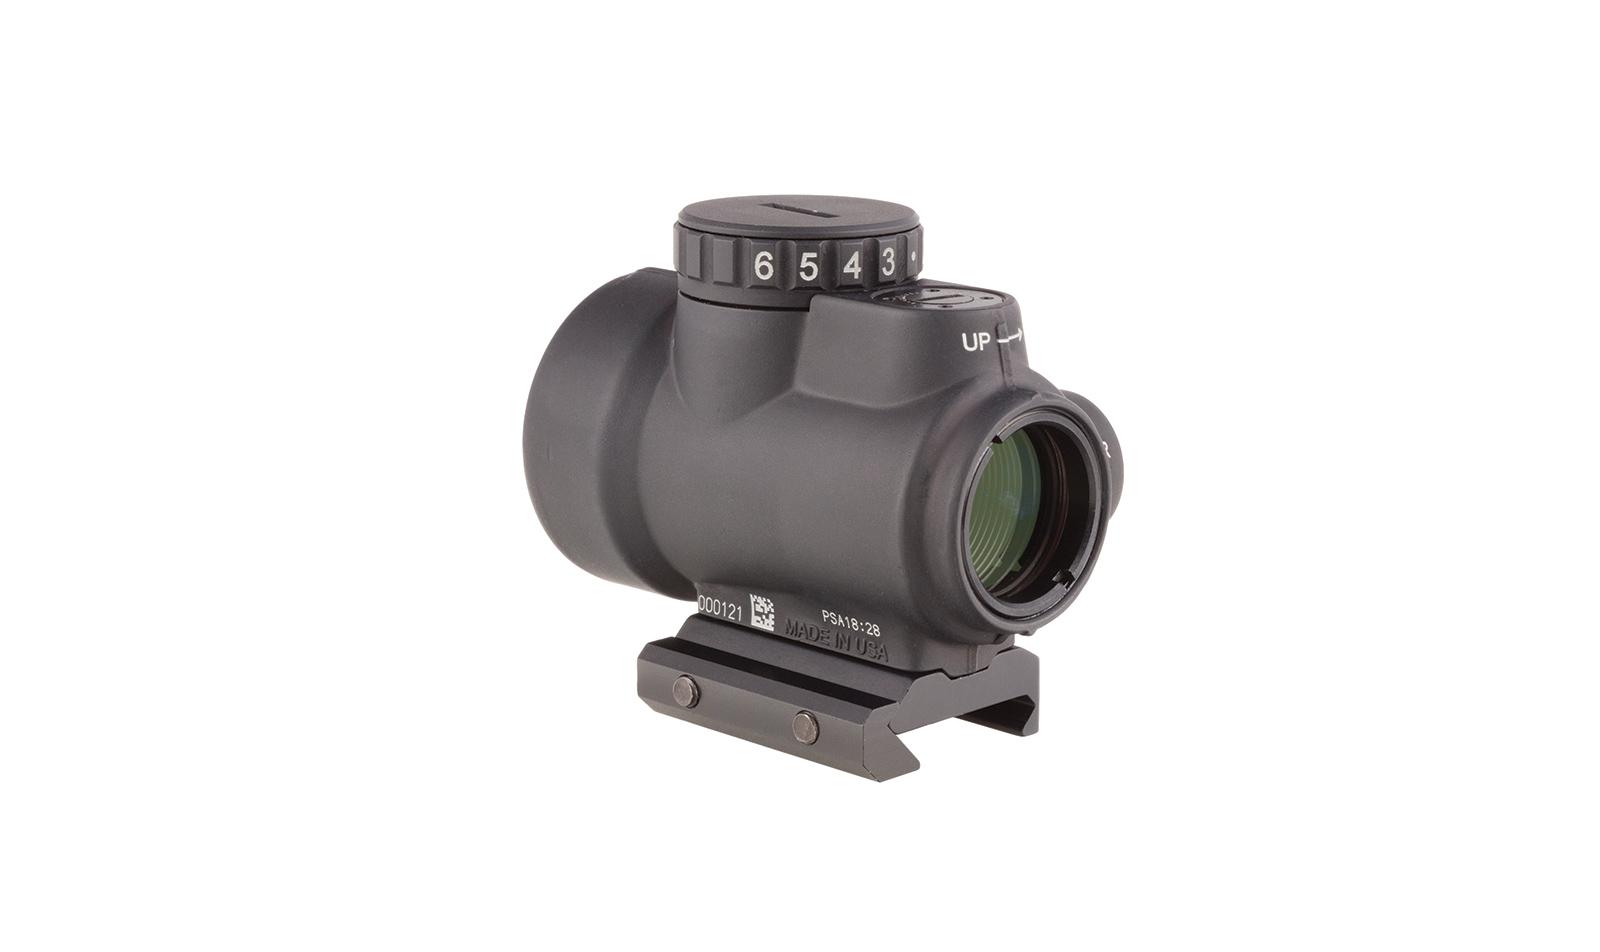 MRO-C-2200004 angle 3